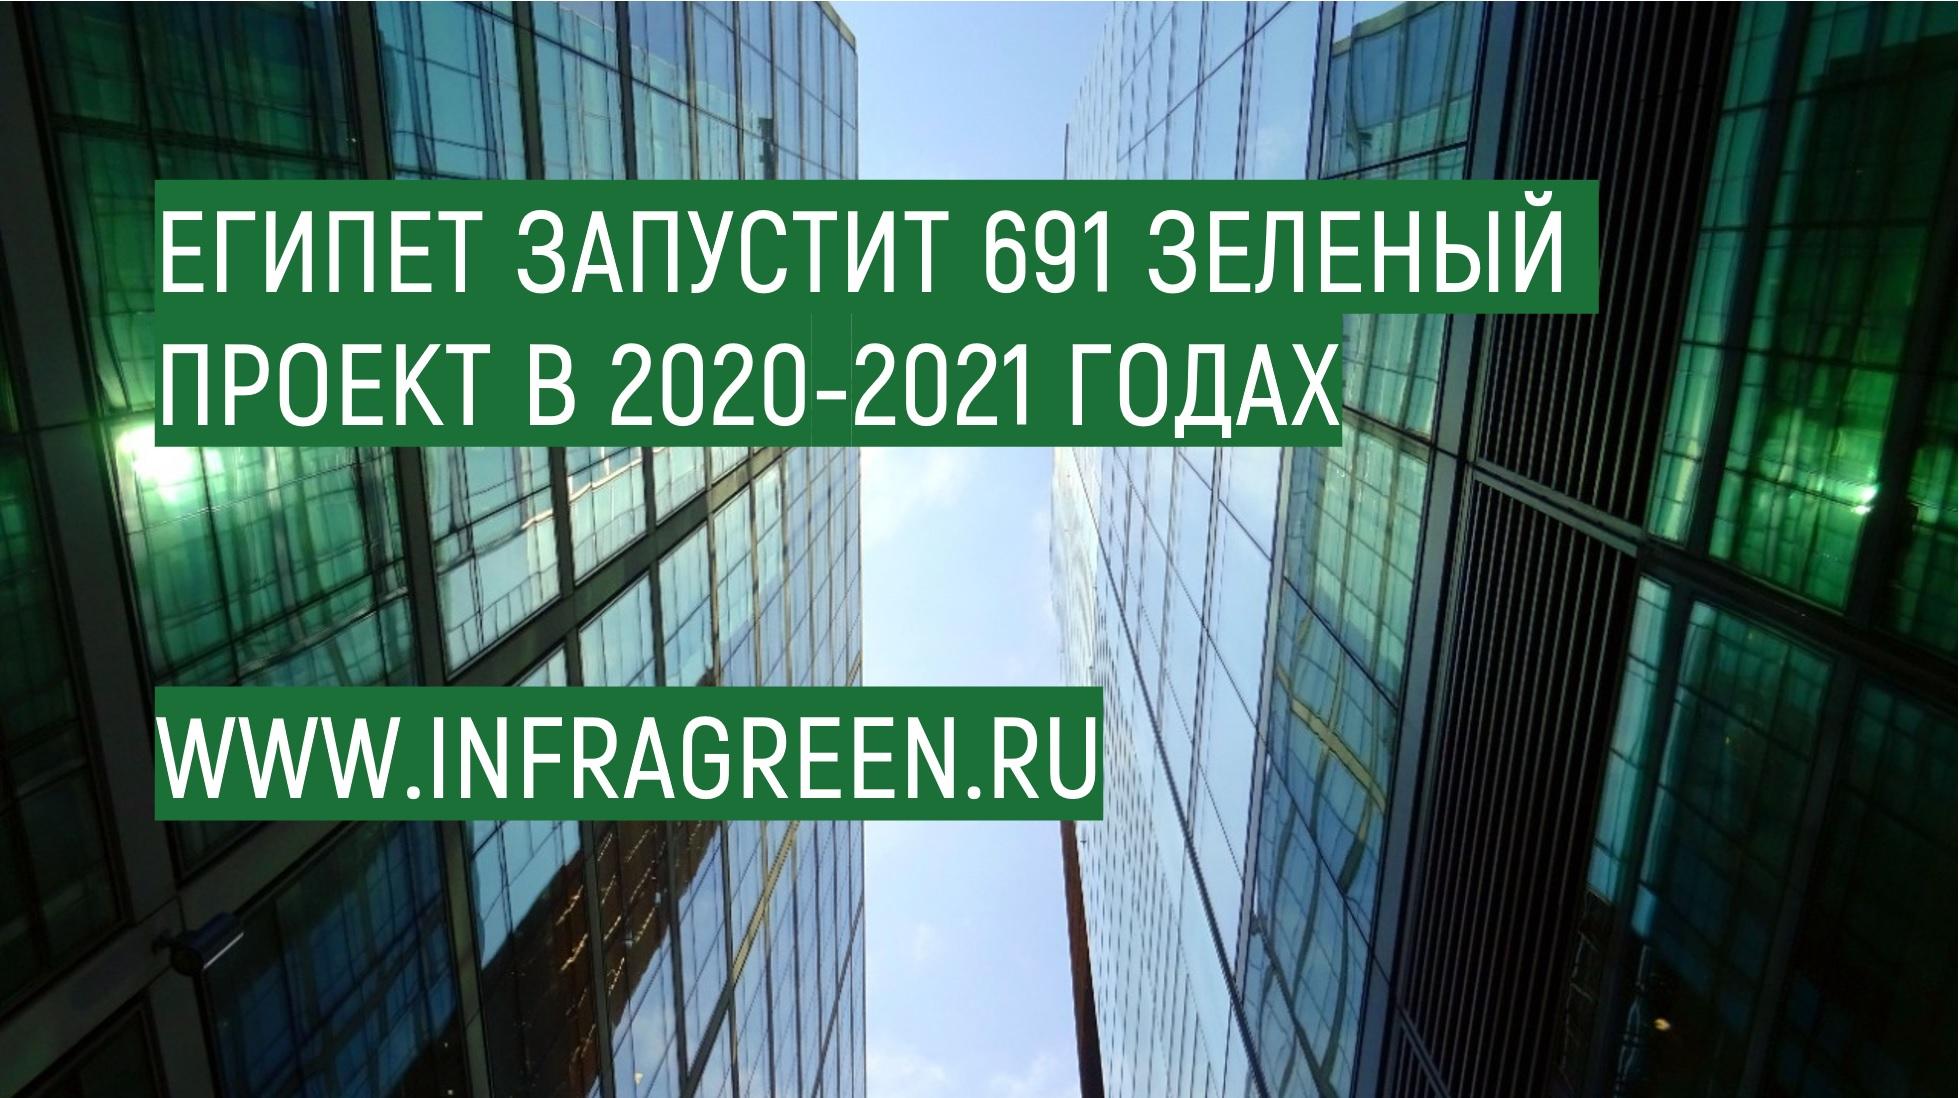 Египет запустит 691 зеленый проект в 2020-2021 годах